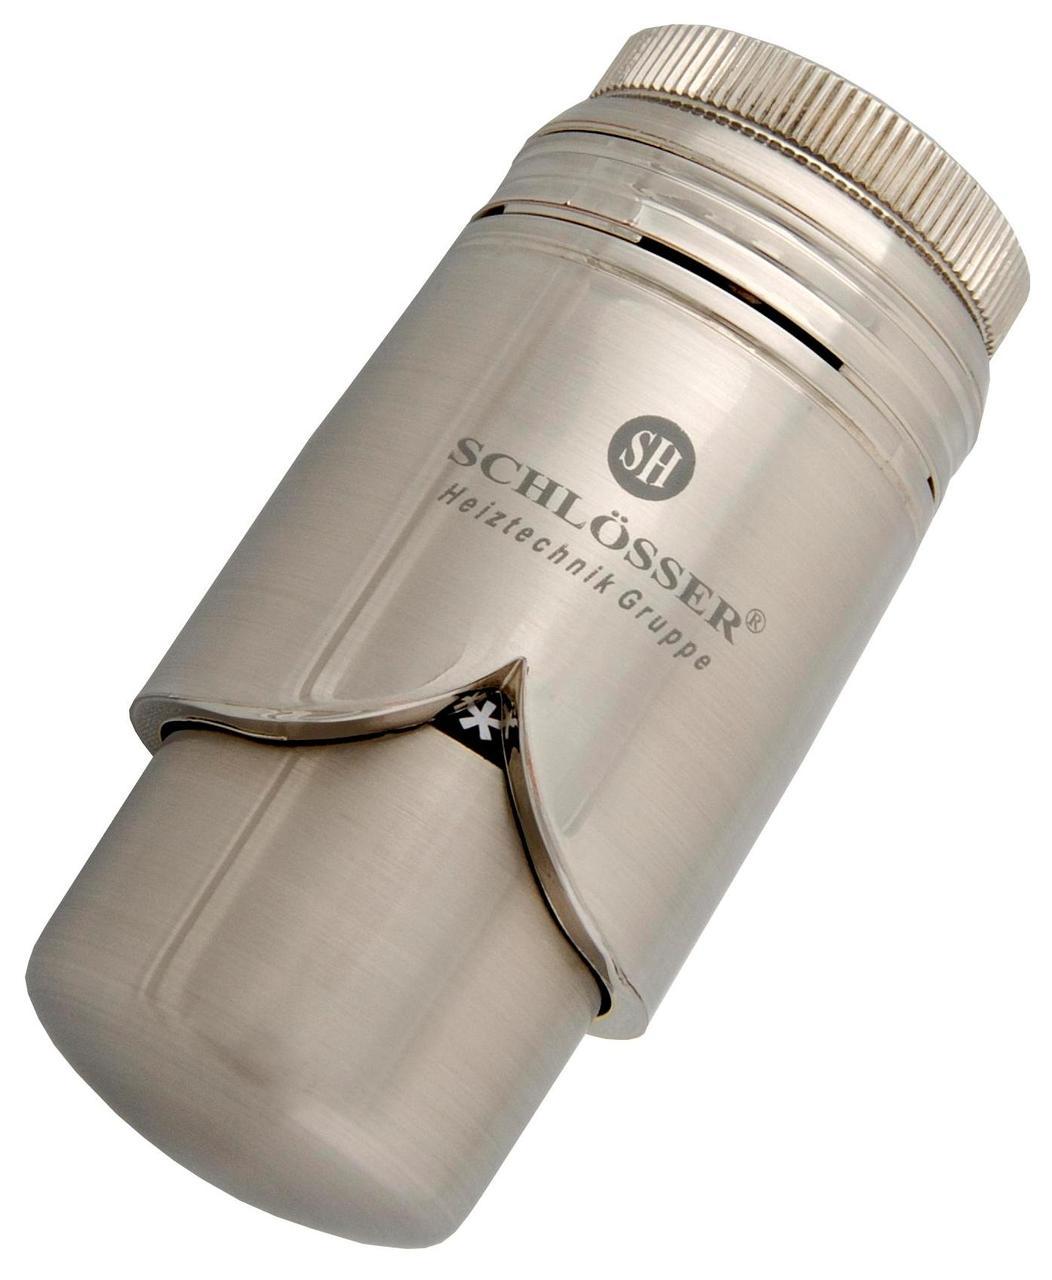 Термостатическая головка Schlosser SH Brillant сталь